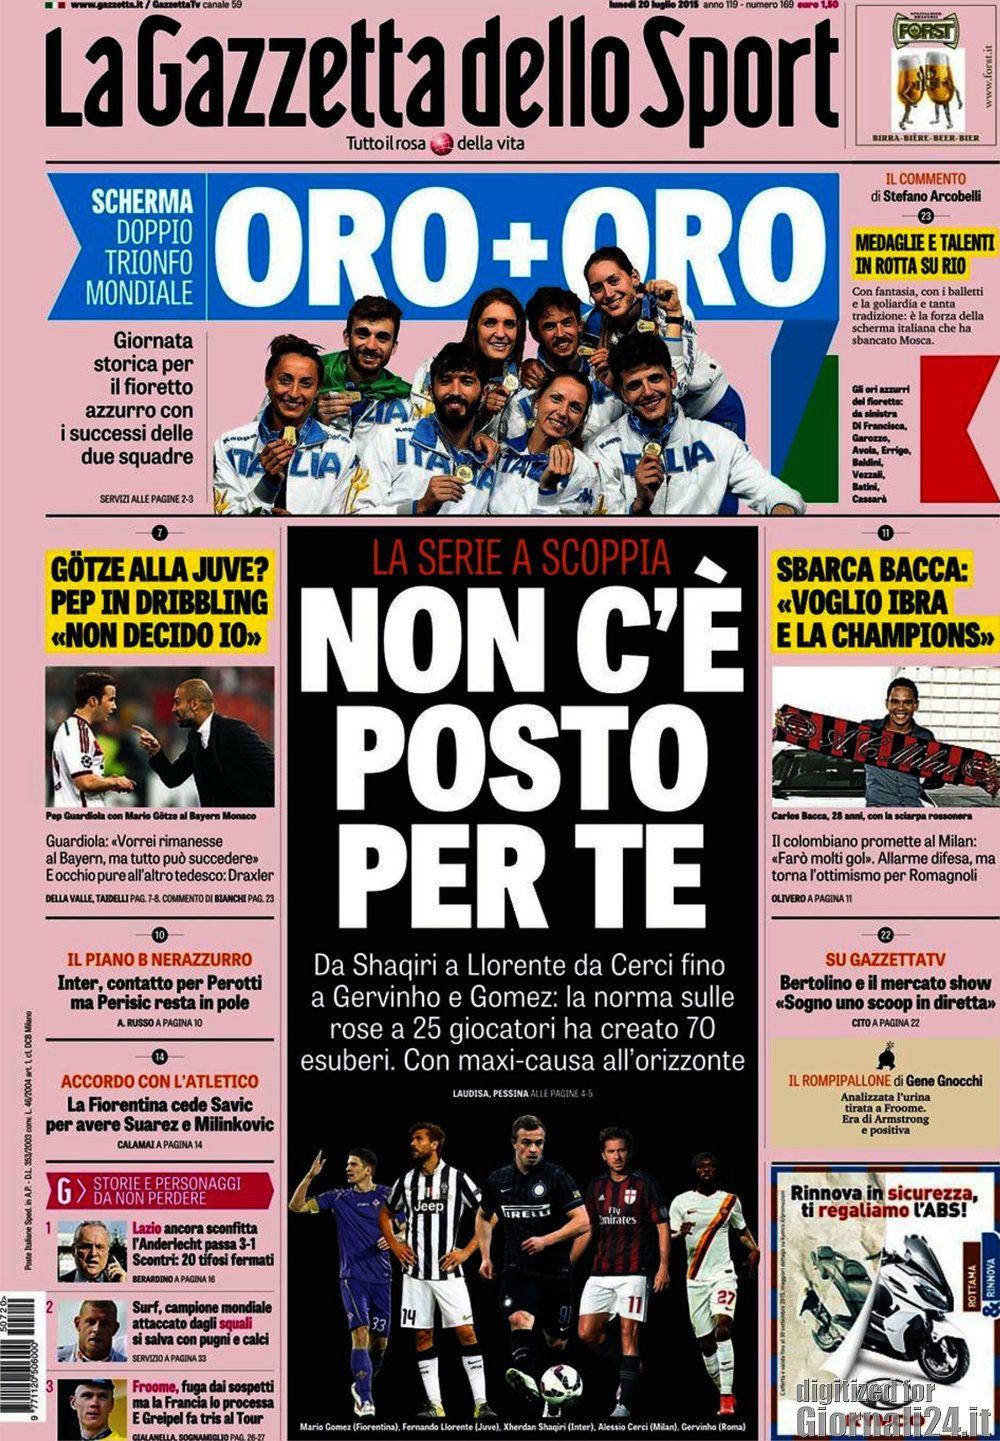 Gazzetta dello Sport 20-07-2015